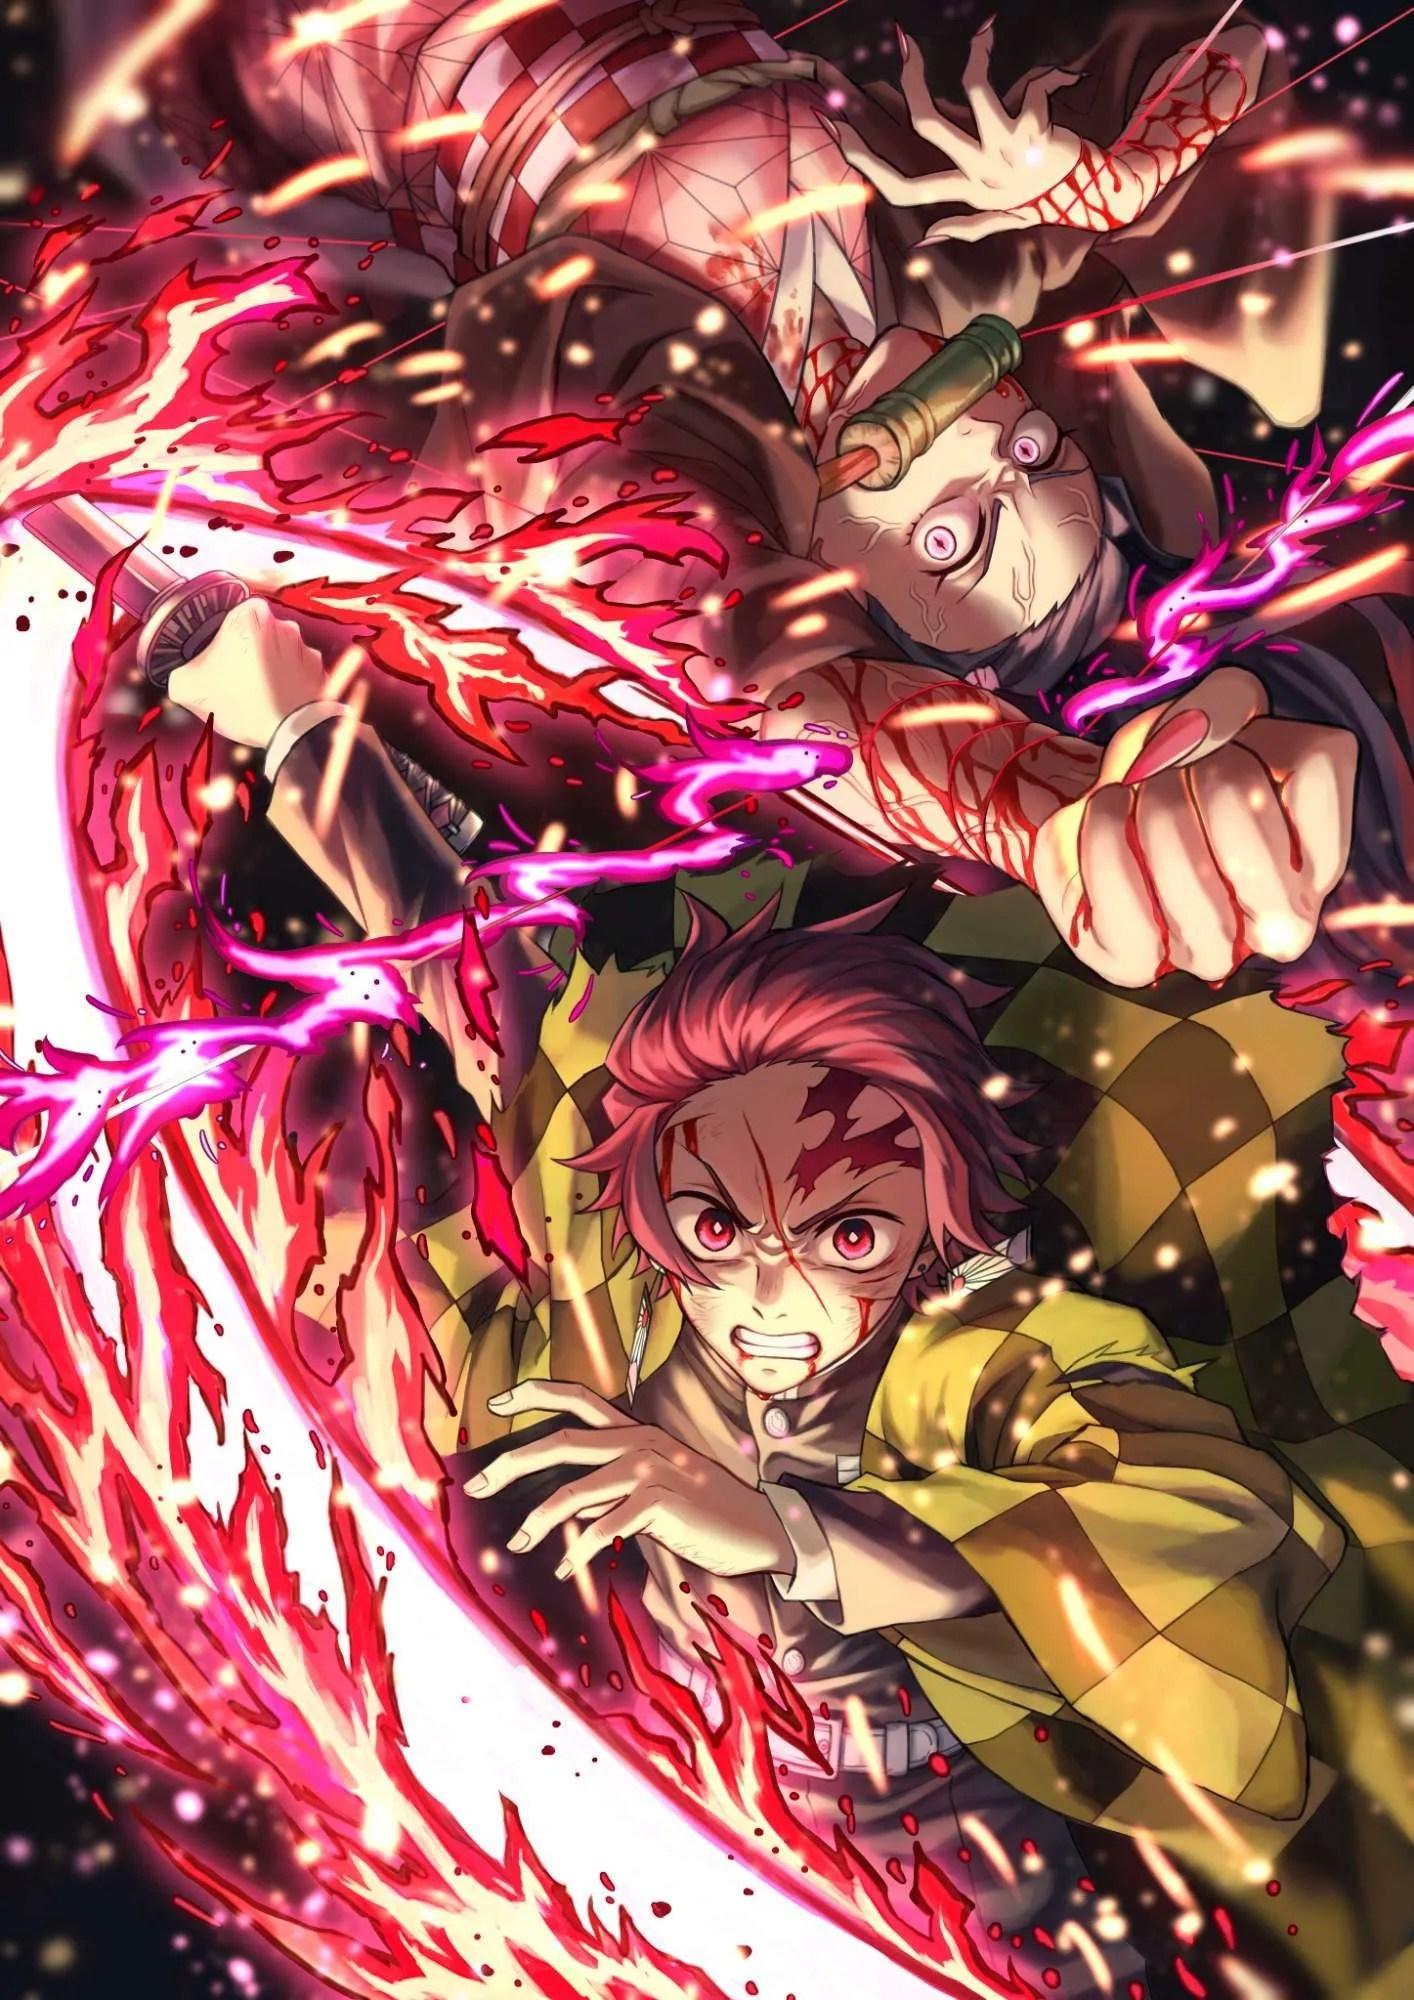 Kimetsu No Yaiba 04 Vostfr : kimetsu, yaiba, vostfr, Demon, Slayer:, Kimetsu, Yaiba:, Mugen, Train: